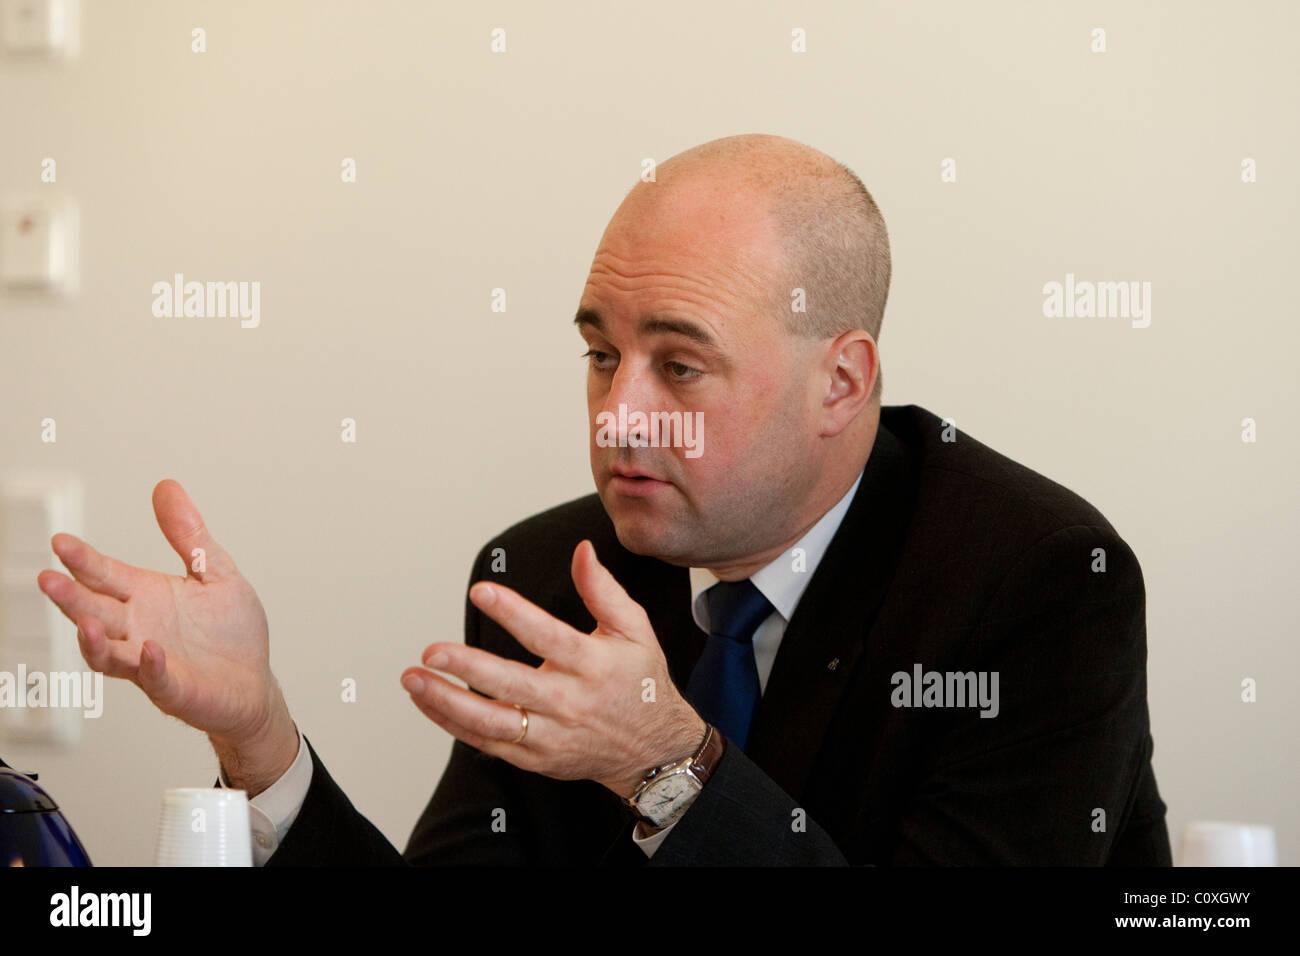 Fredrik Reinfeldt, il Primo ministro svedese. Immagini Stock